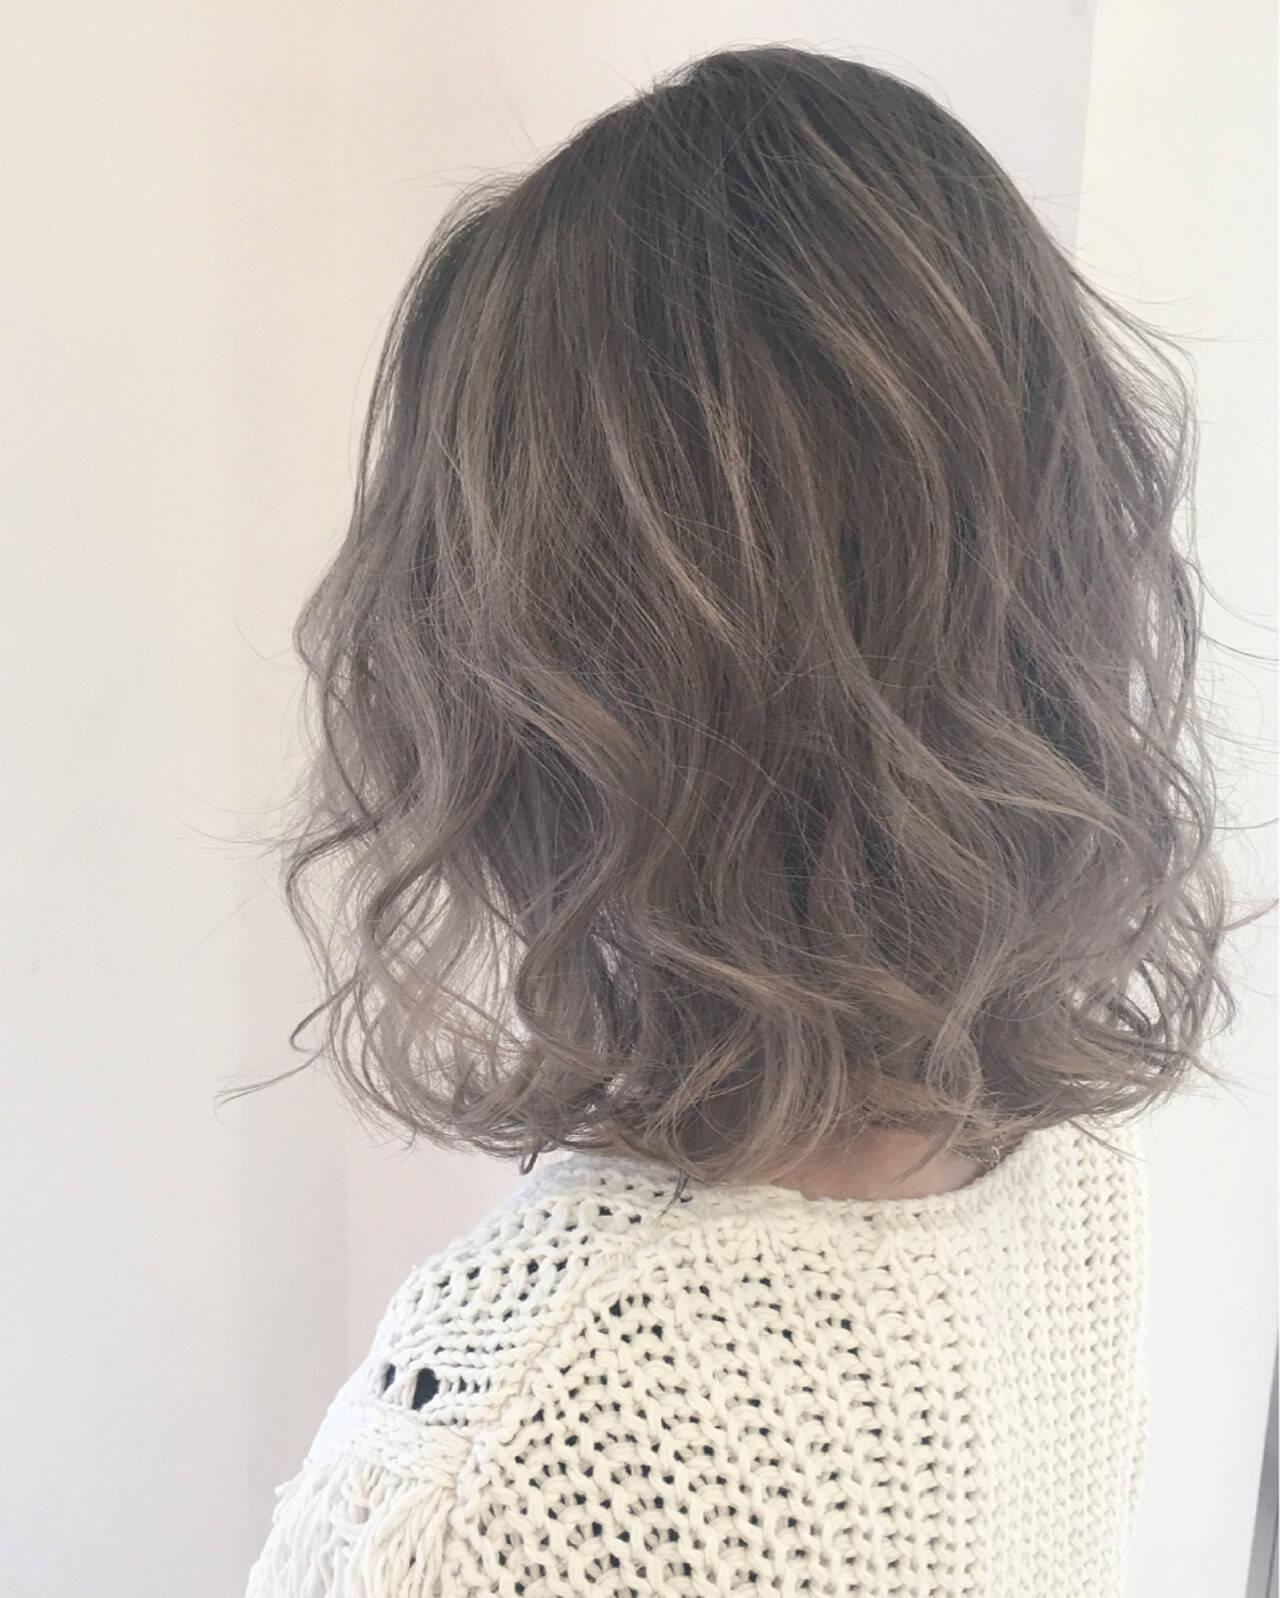 ストリート ミディアム ハイライト ニュアンスヘアスタイルや髪型の写真・画像